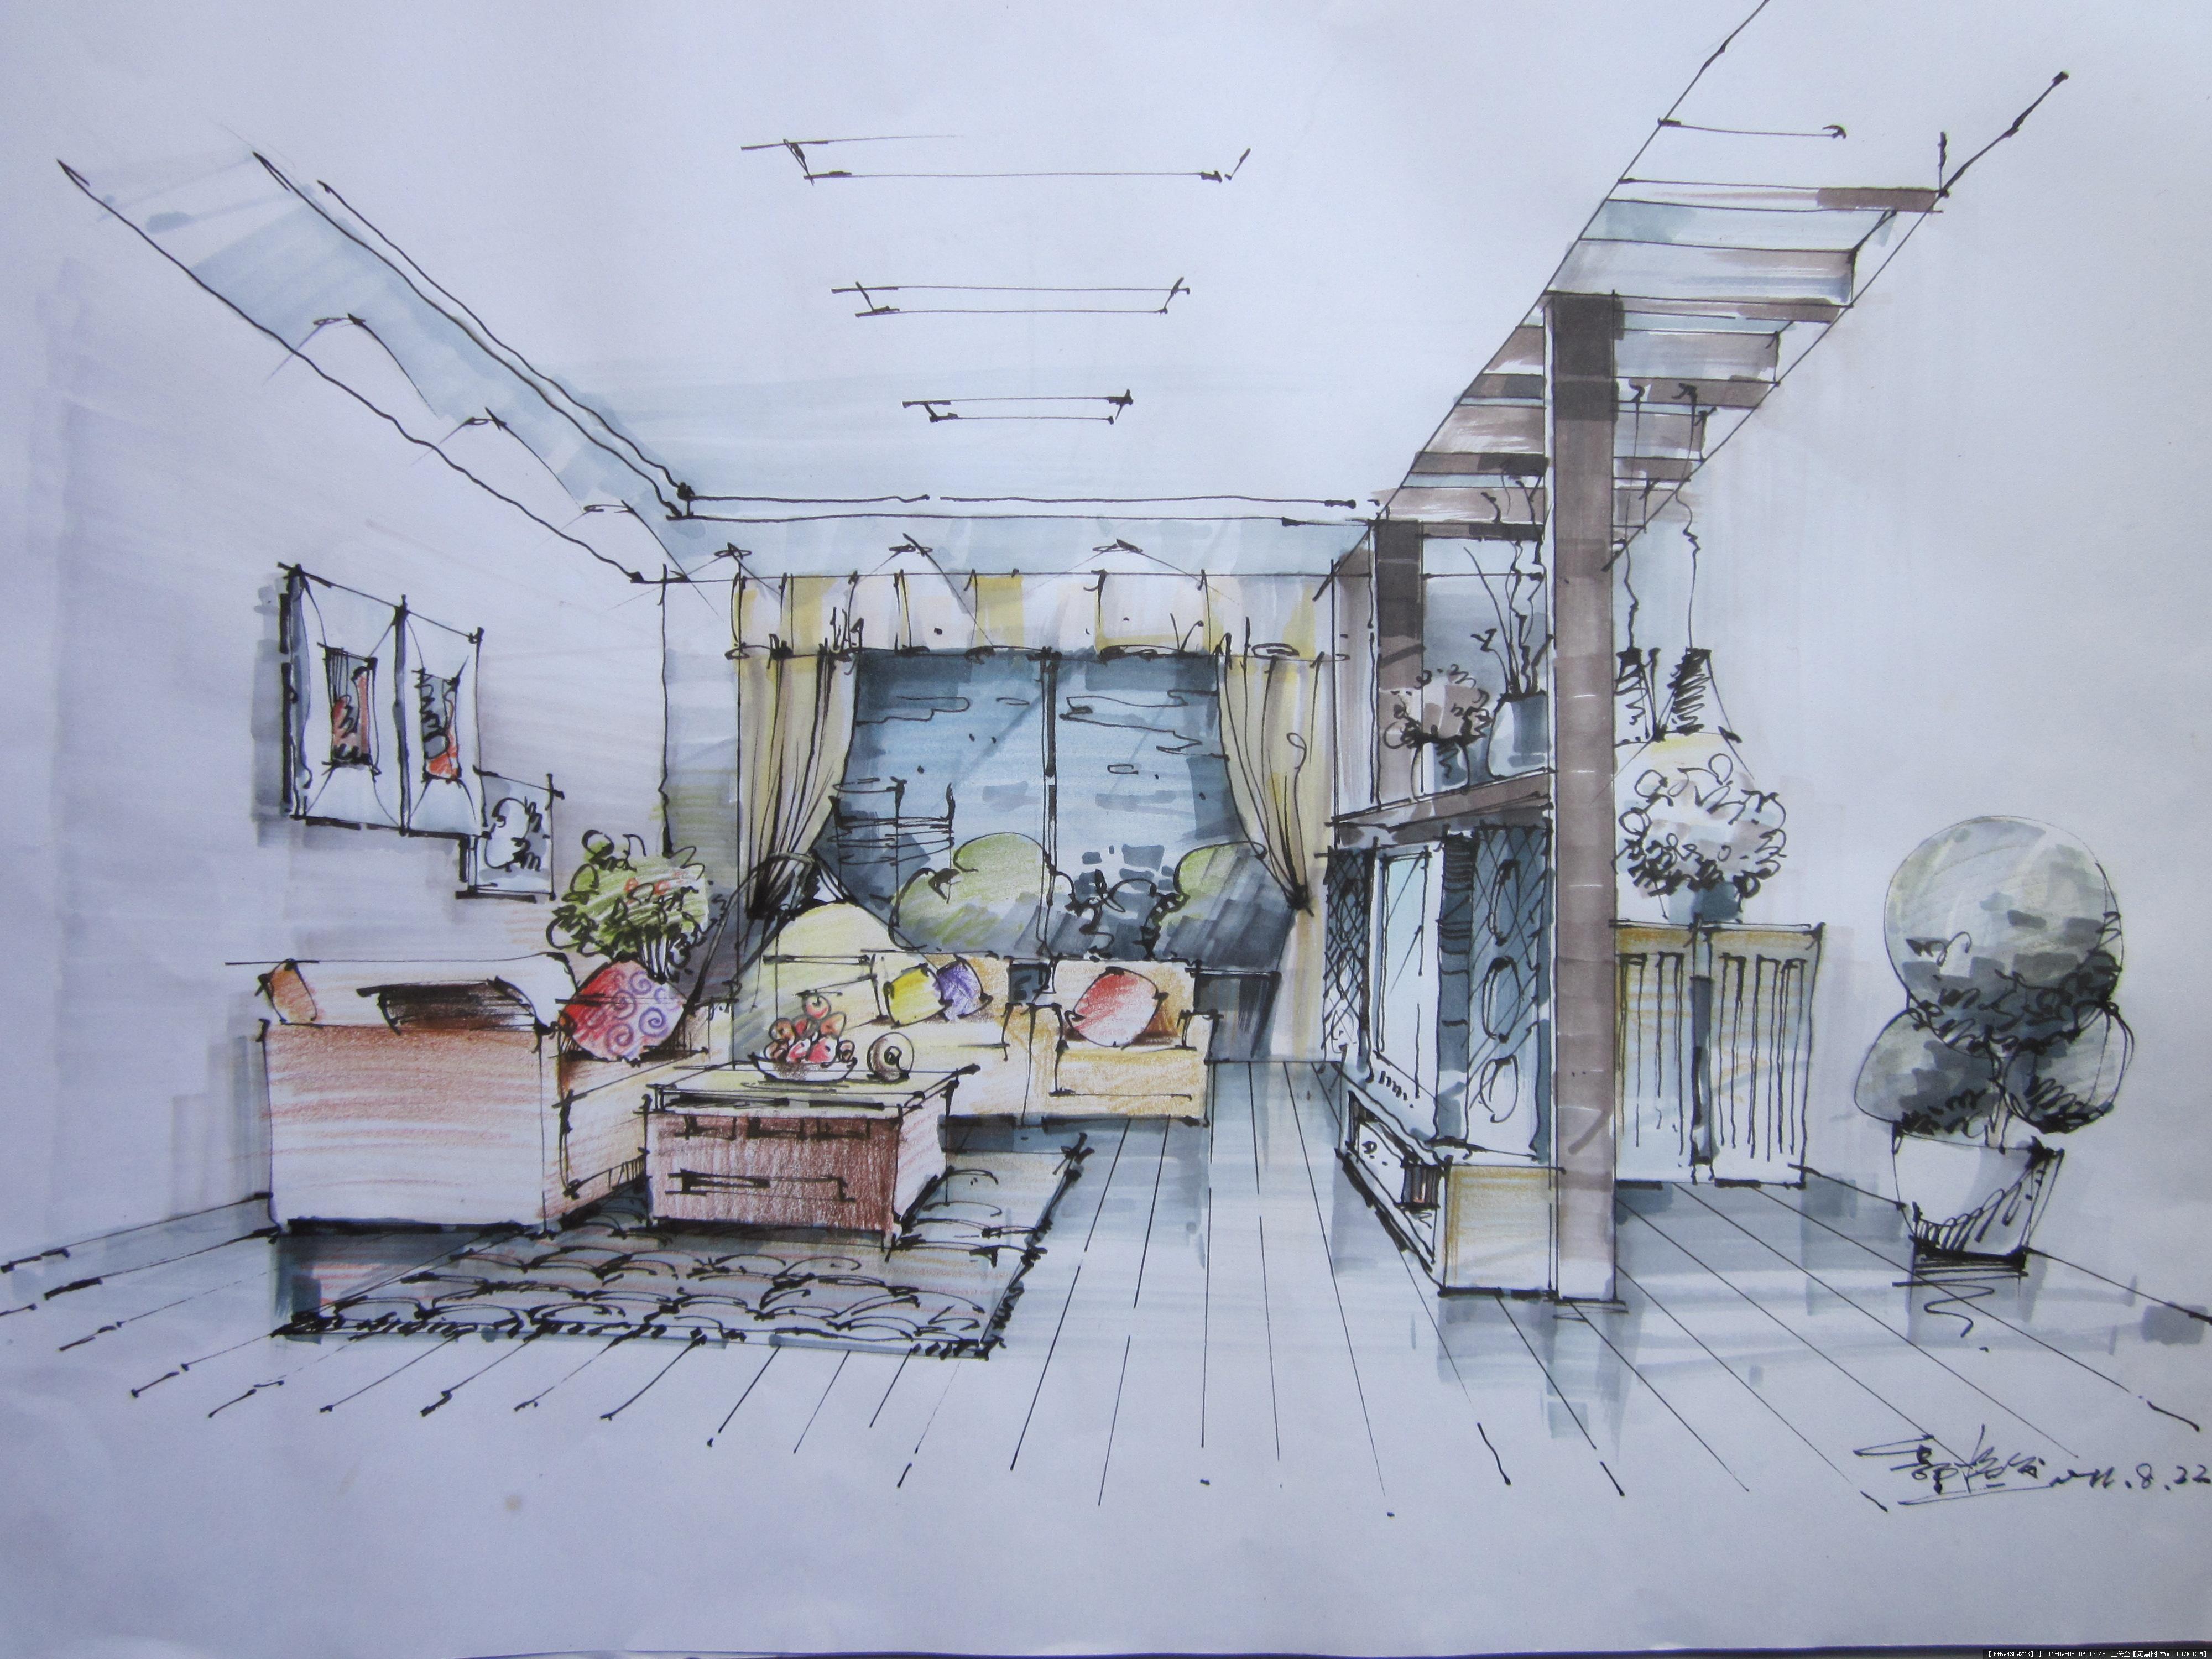 室内装修设计效果图,室内设计彩铅效果图,彩铅室内效果图,室